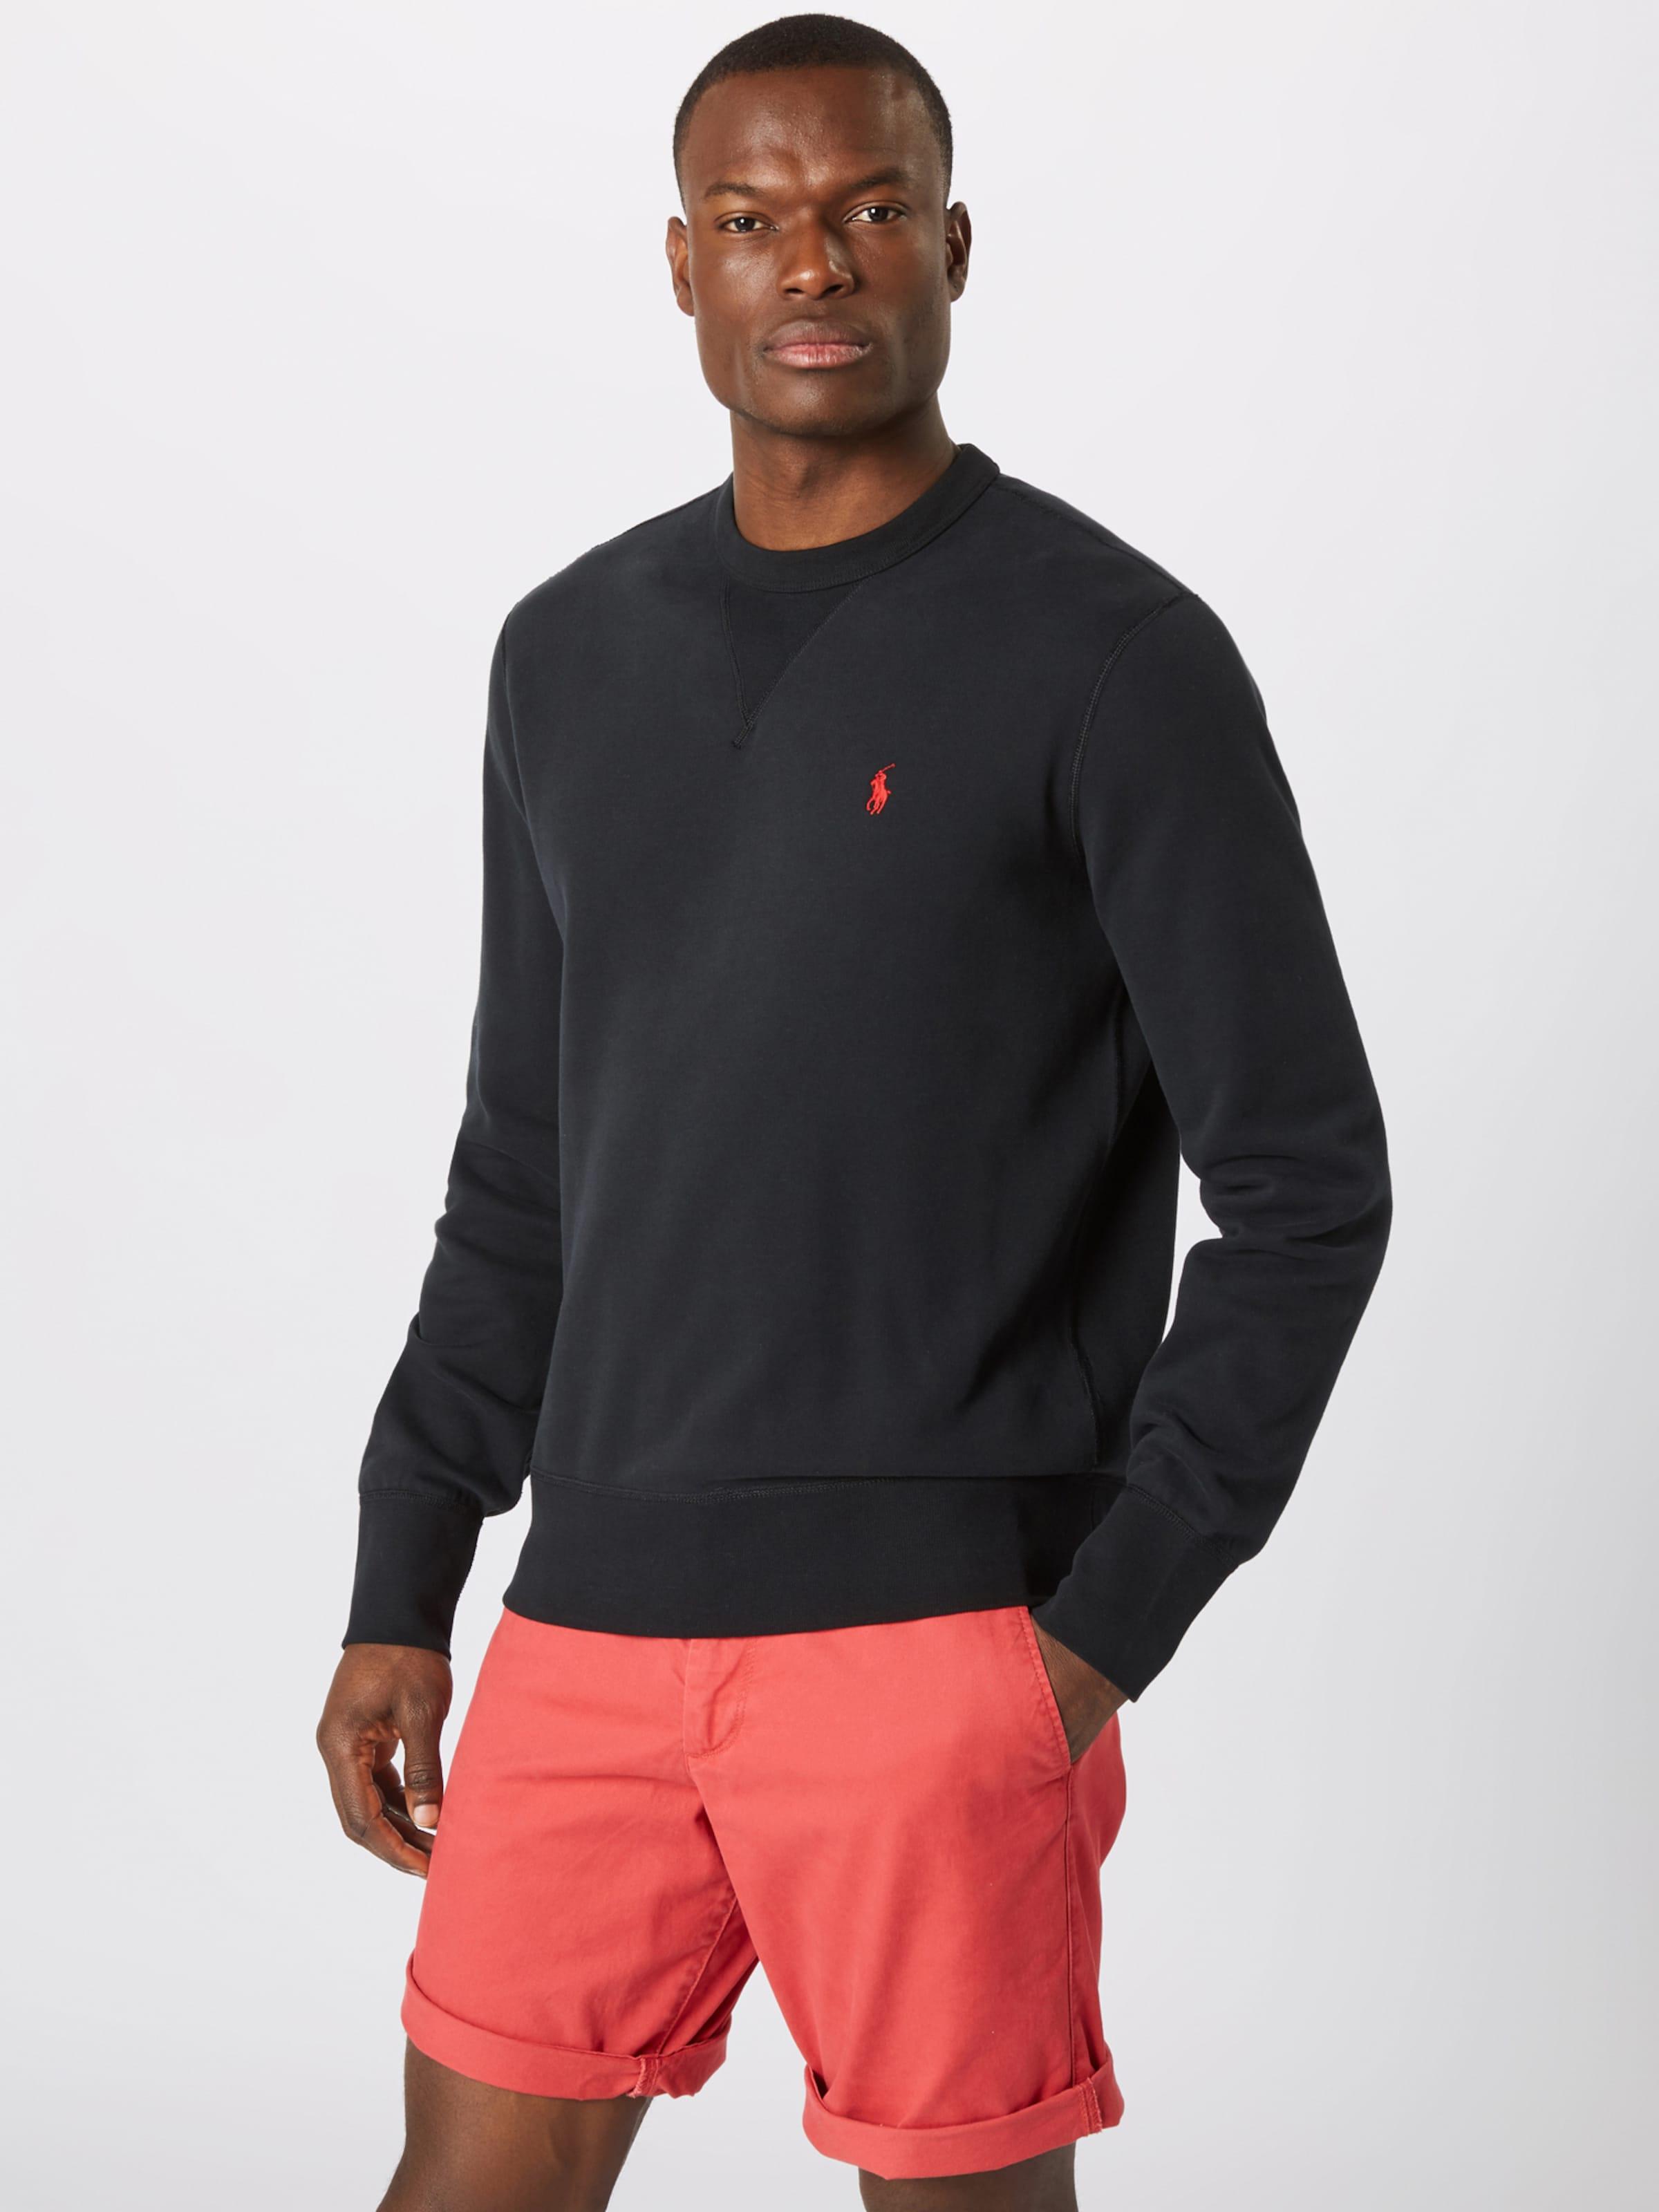 Sweat 'lscn Sleeve Noir Lauren long Ralph knit' En shirt Polo M1 ybYfgv67